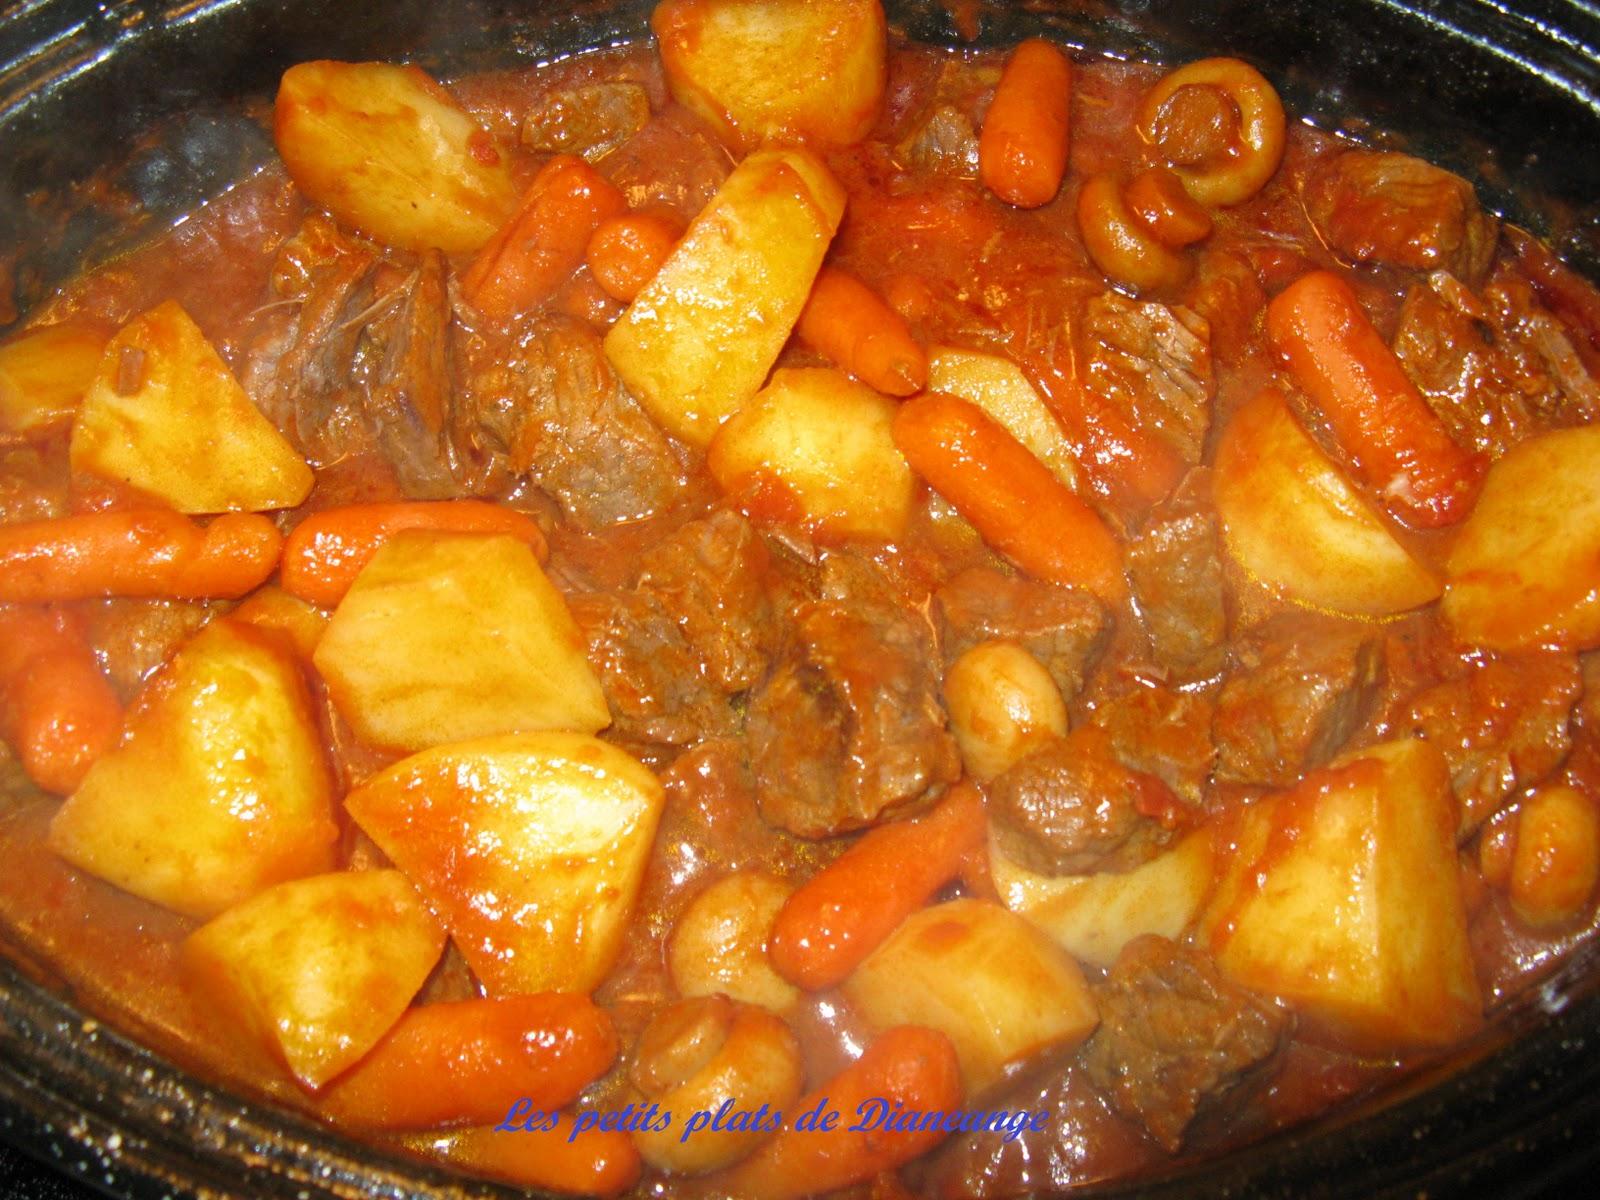 Les petits plats de diane ange boeuf en cubes aux tomates et l gumes - Comment couper une tomate en cube ...